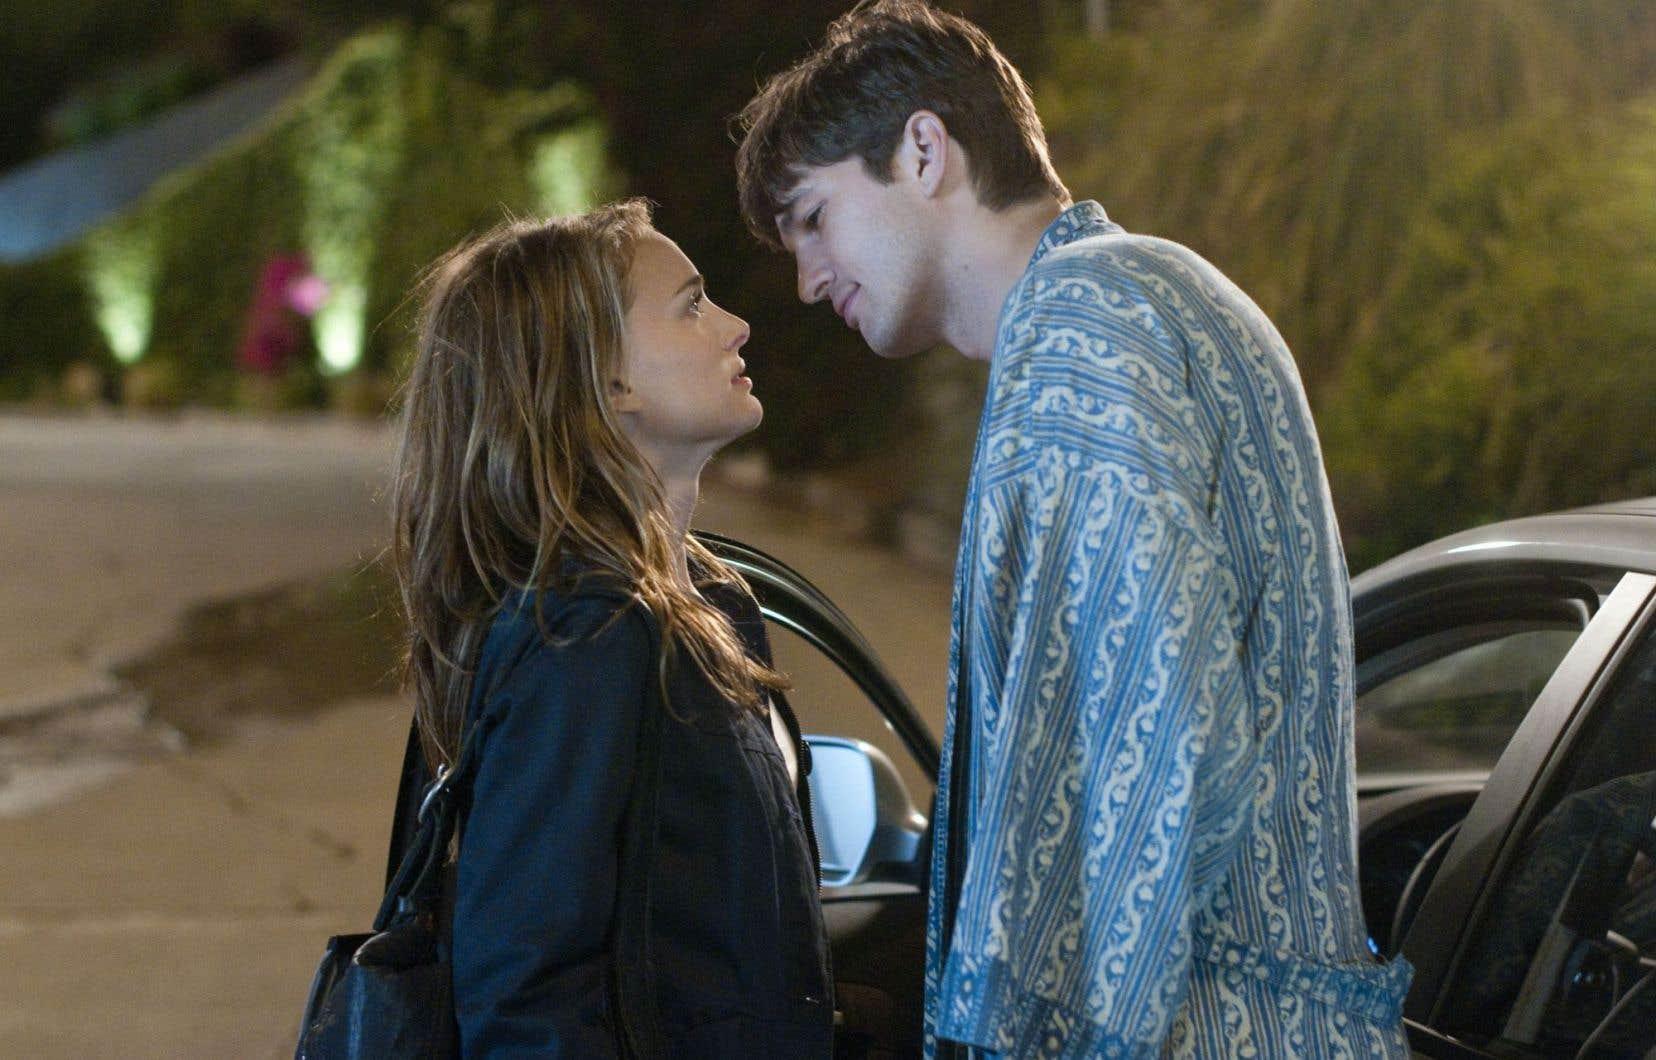 Natalie Portman a déclaré que ses gages pour «Ça n'engage à rien», tourné en 2011, étaient trois fois inférieurs à ceux de sa covedette, Ashton Kutcher.